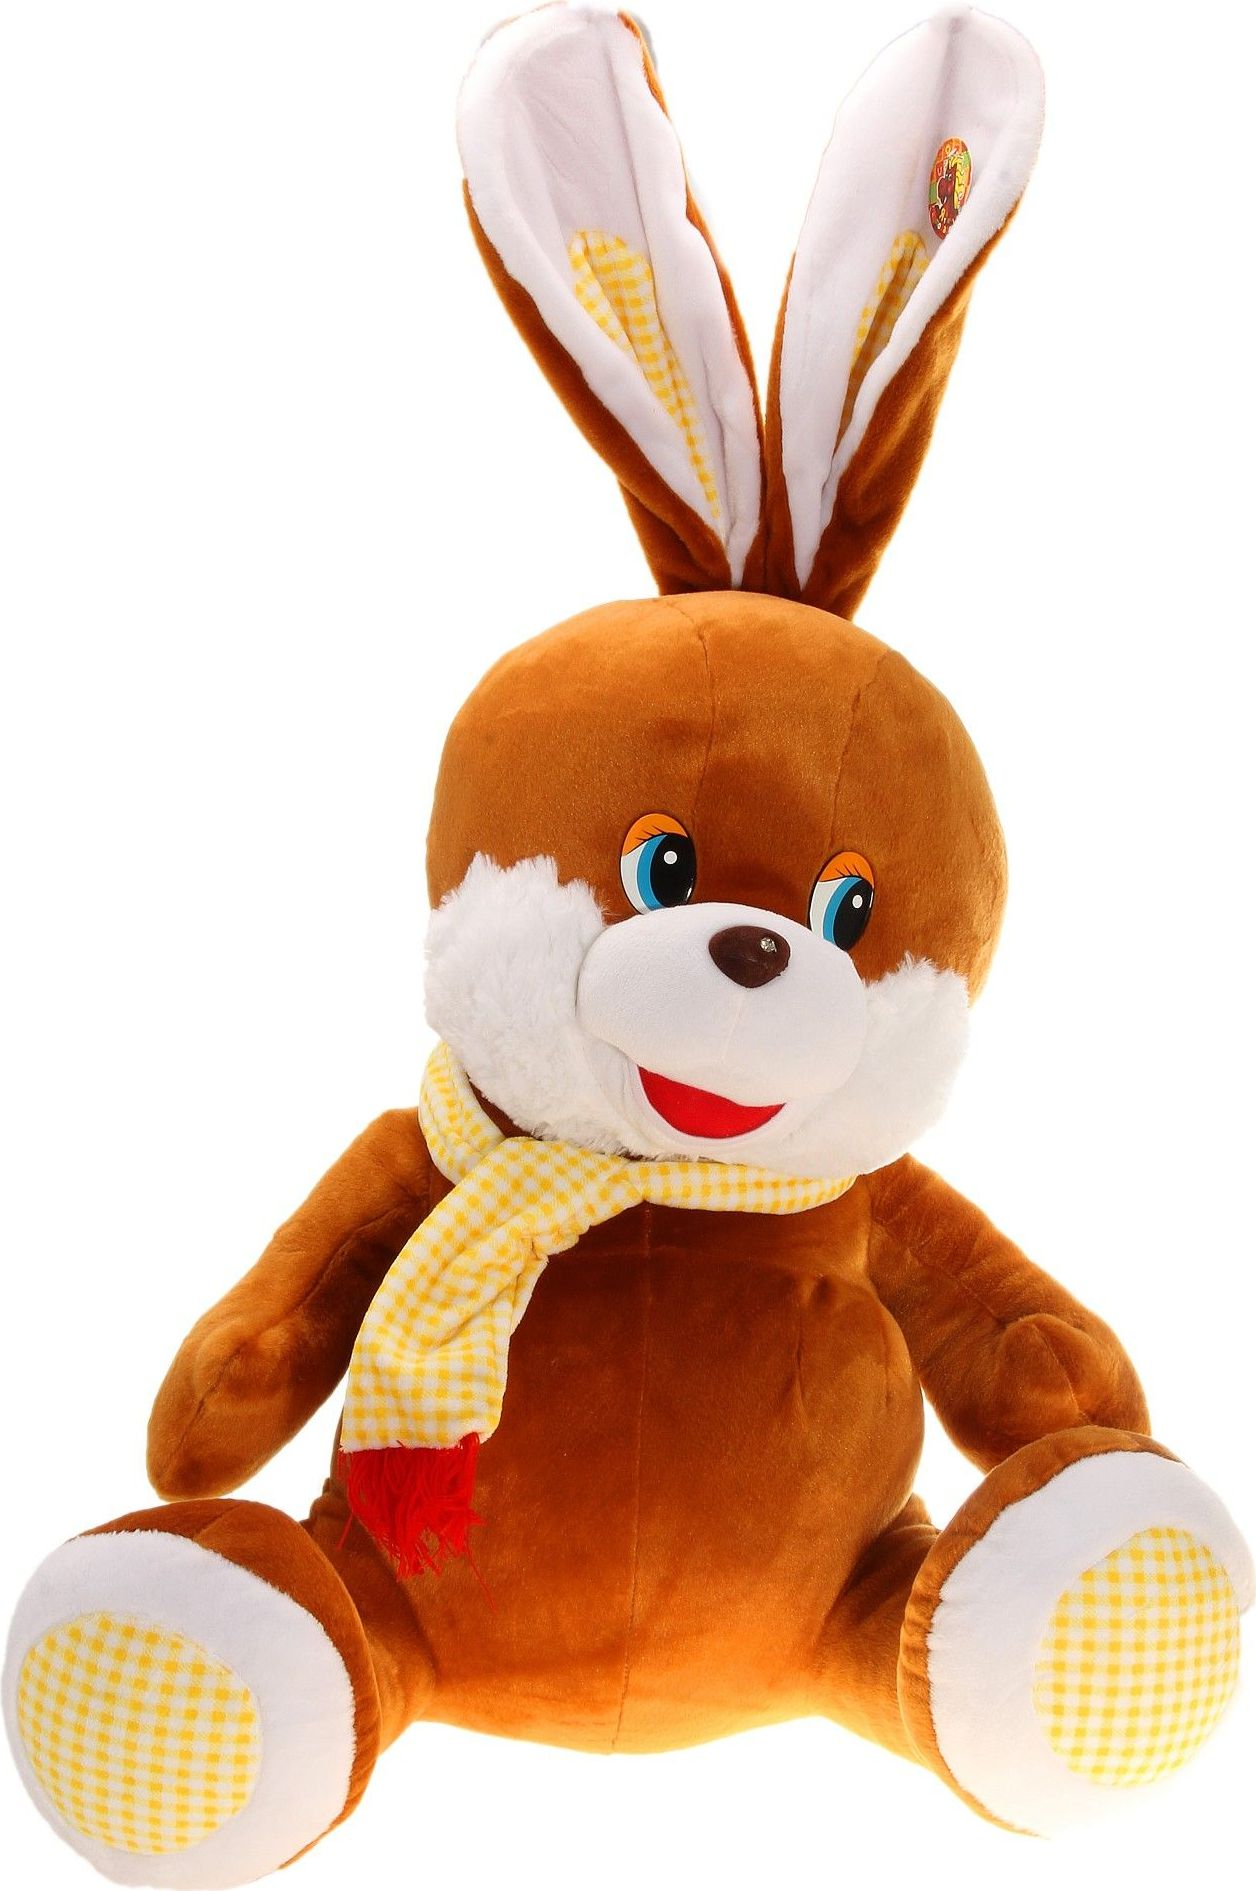 Sima-land Мягкая игрушка Заяц в шарфике в клетку 326419 sima land мягкая игрушка на руку мальчик 1147835